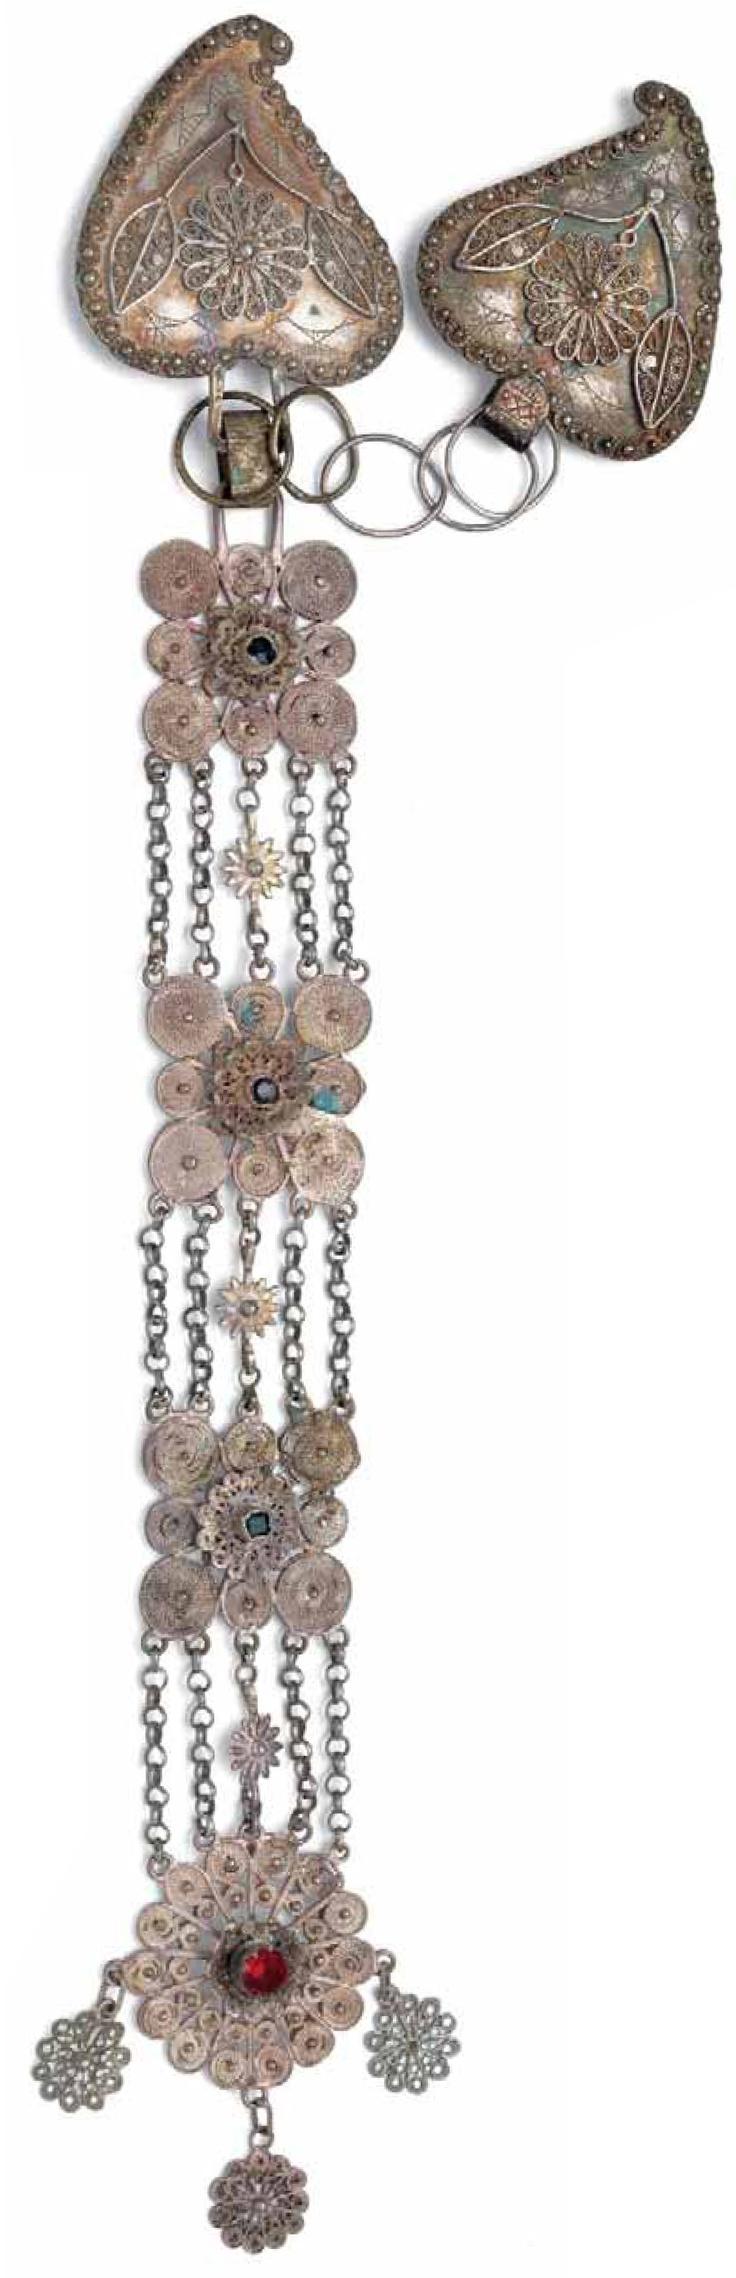 Gancera con placche e pendente  argento e pasta vitrea, 35,5 cm,  collezione privata.